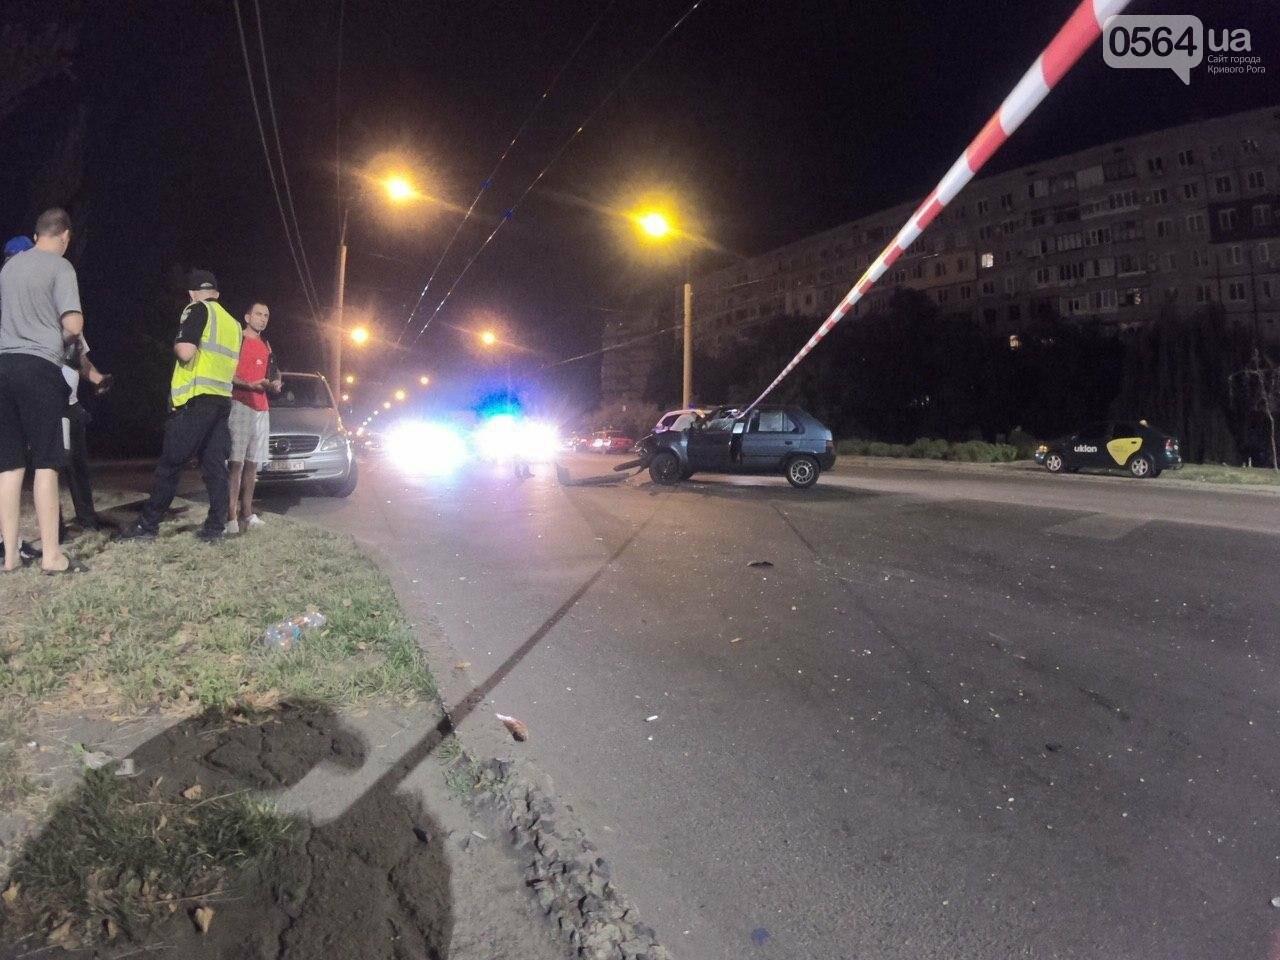 Ночью в Кривом Роге столкнулись легковой автомобиль и мотоцикл. Водитель мотоцикла госпитализирован, - ФОТО, фото-5